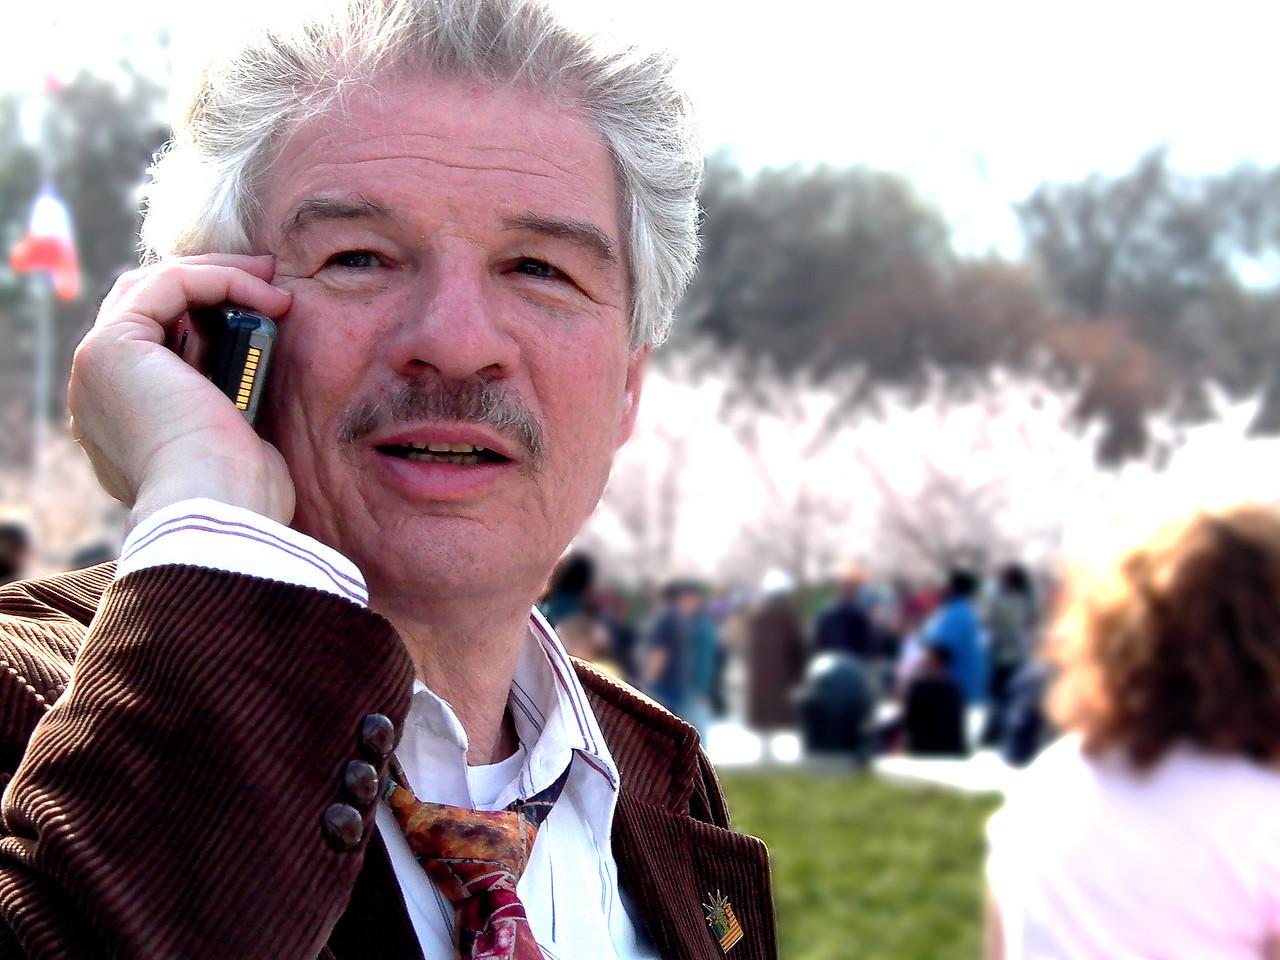 Cellphoner